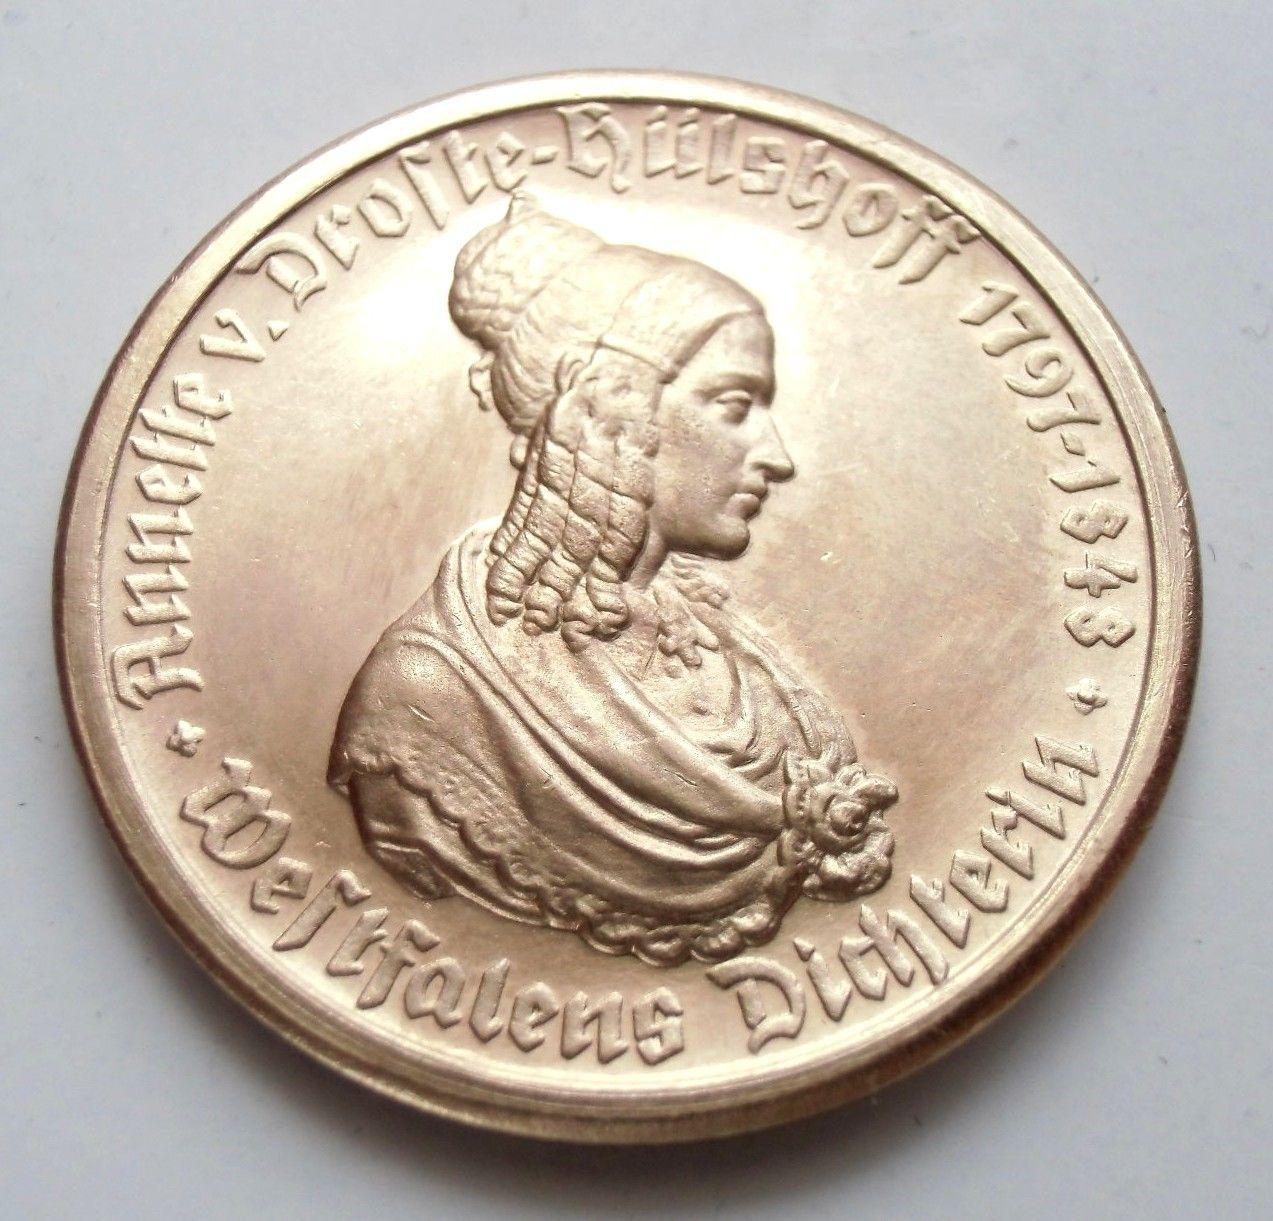 Monedas de emergencia emitidas por el banco regional de Westphalia 1923_100a